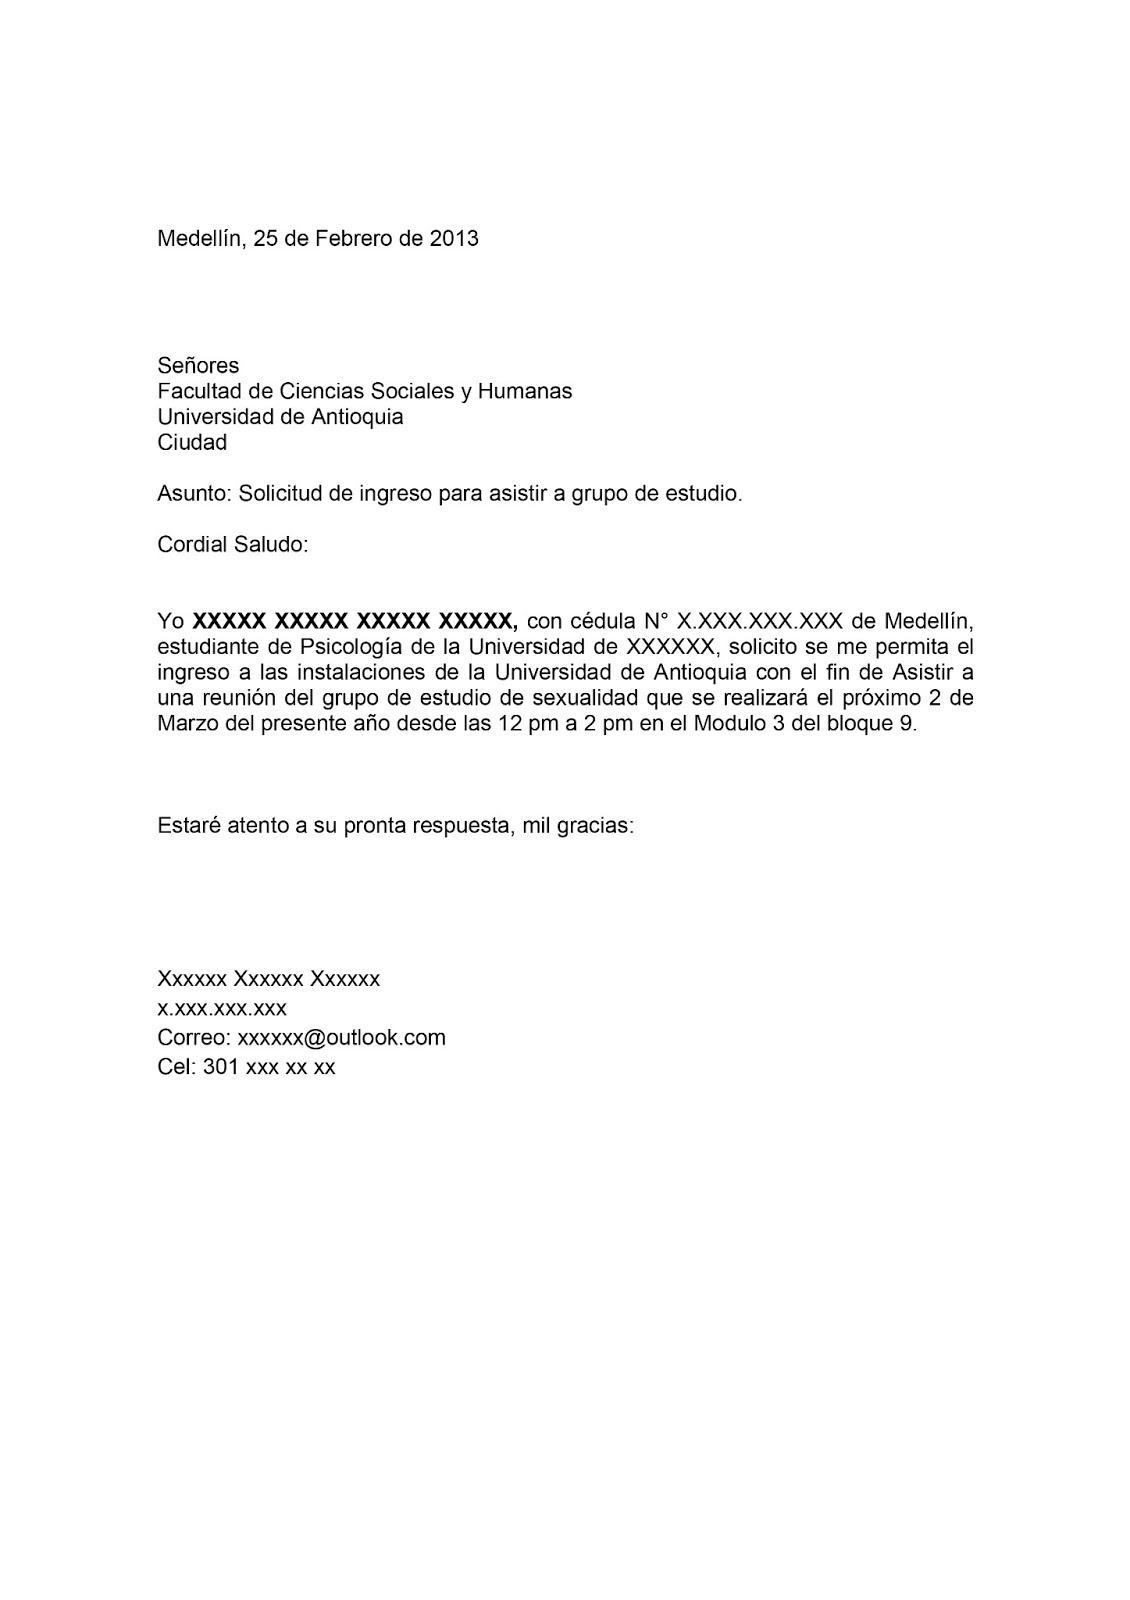 carta solicitud de ingreso magister